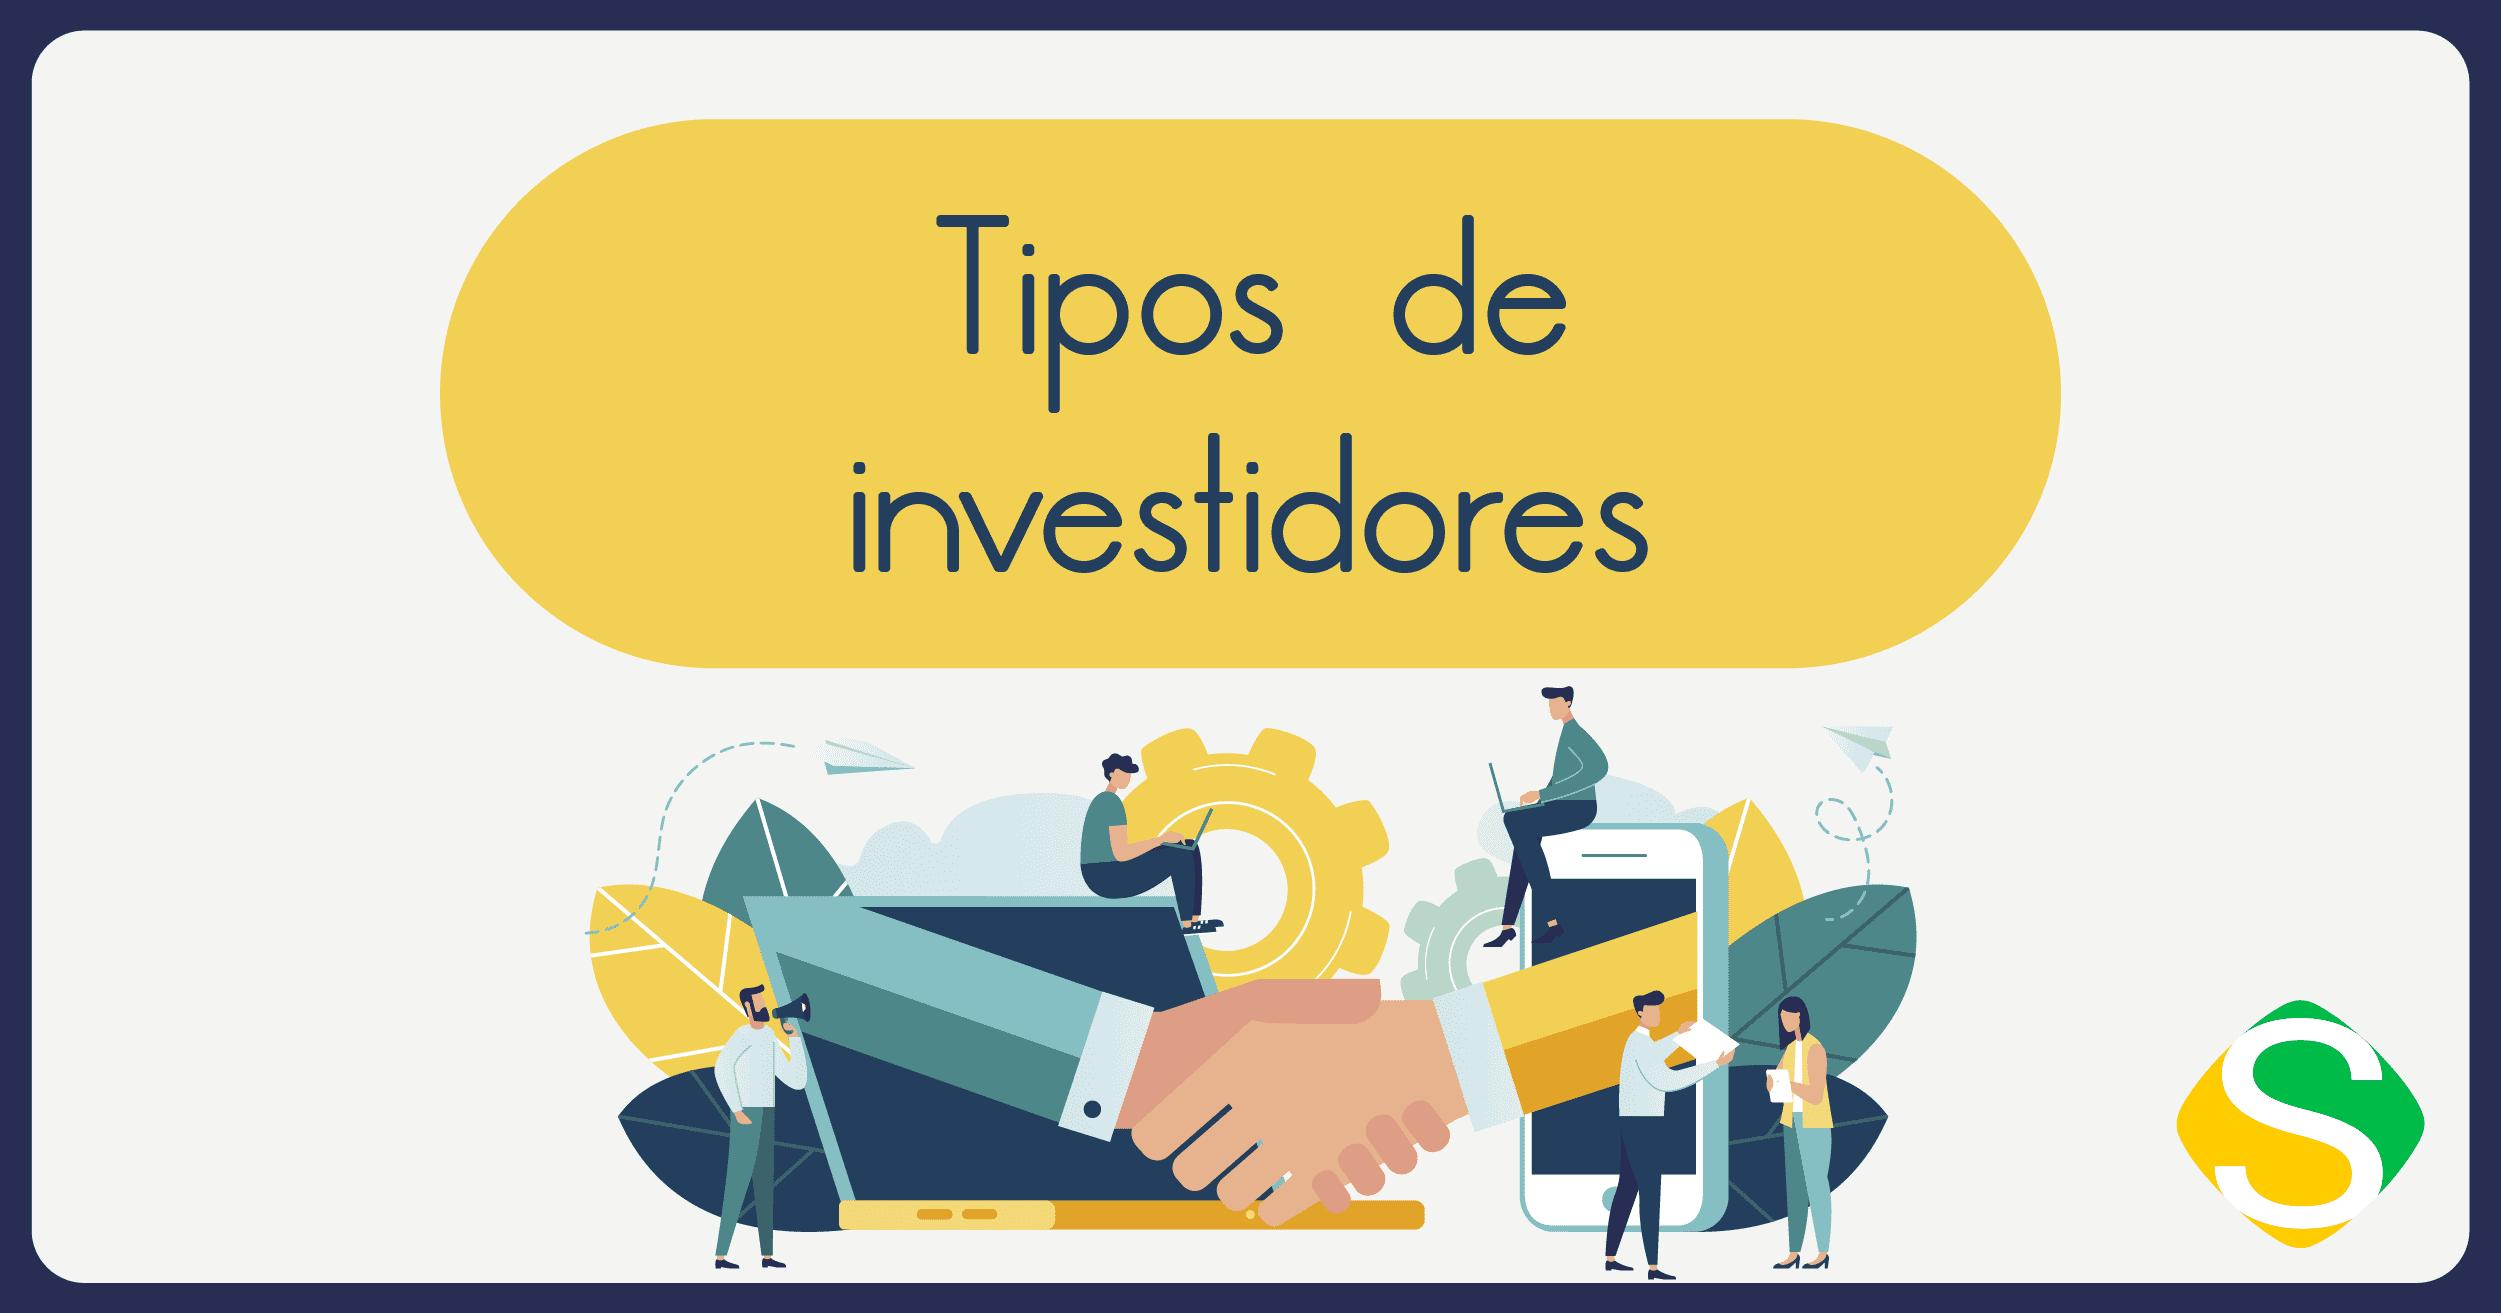 Imagem que aparecem alguns homens apertando a mão uns dos outros com a frase tipos de investidores